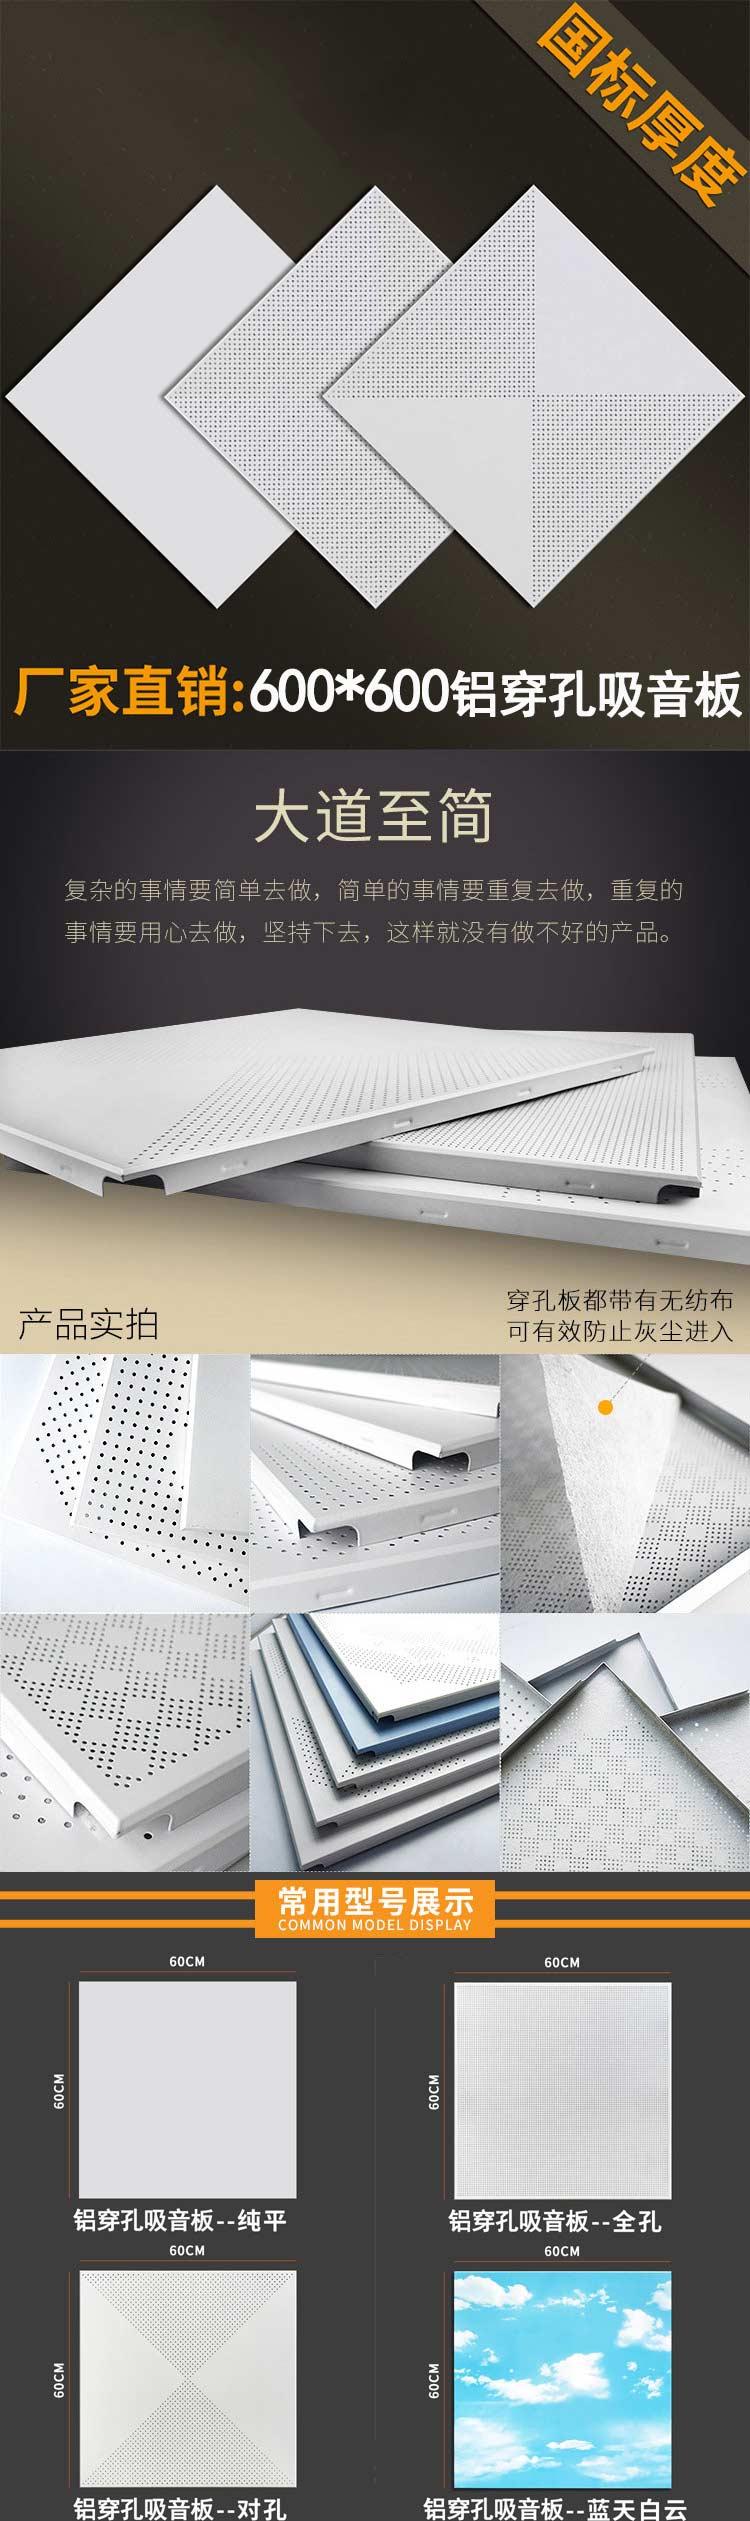 铝穿孔吸音板产品细节